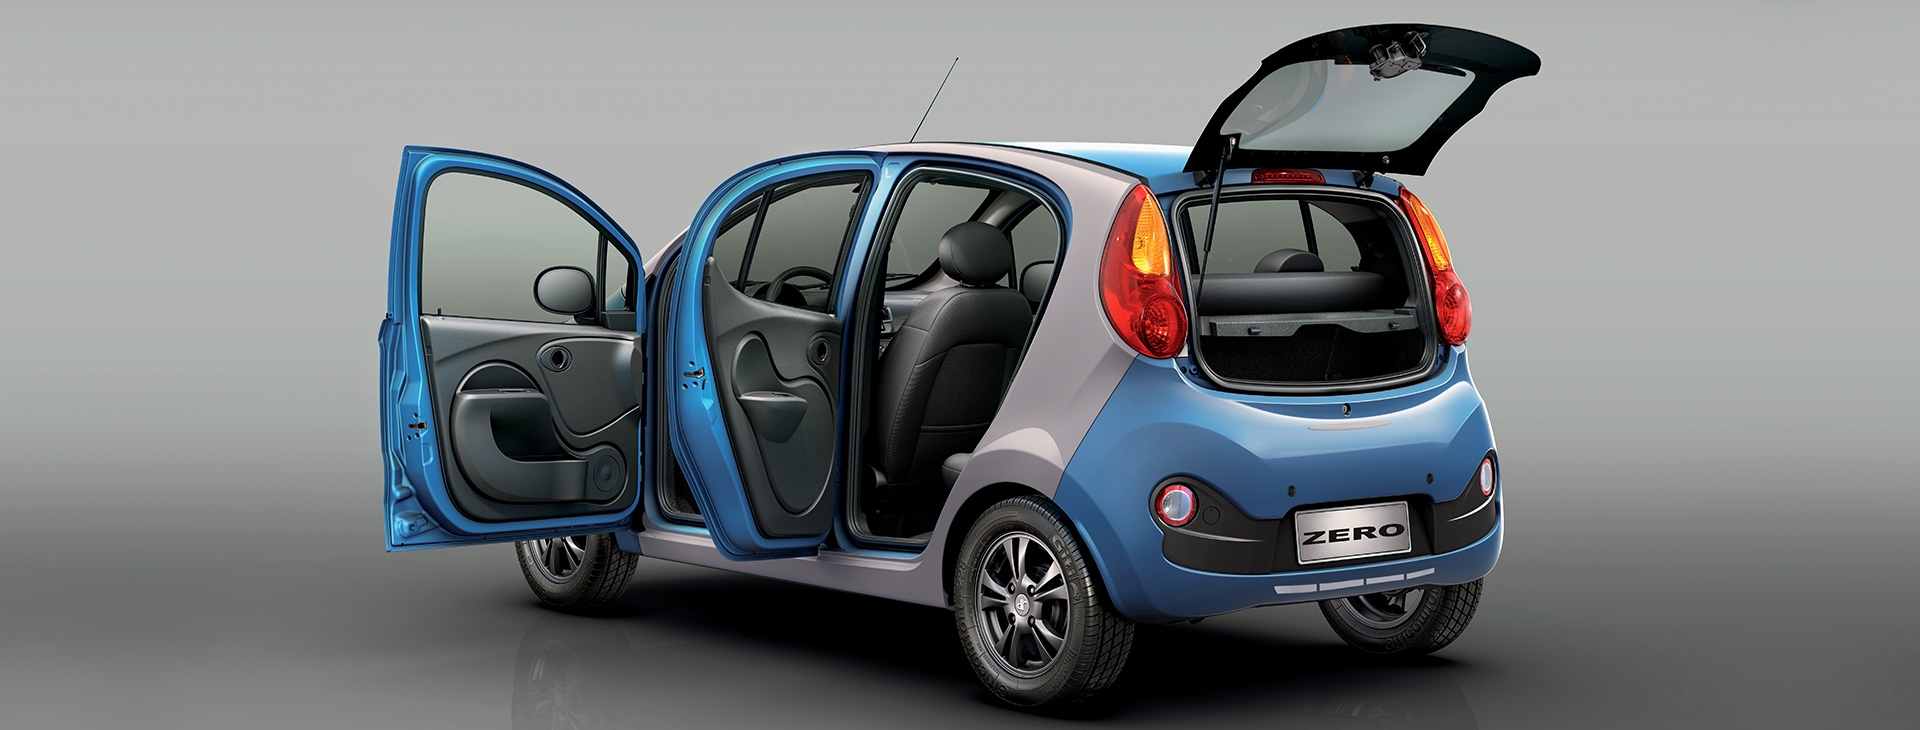 Dr Zero 2017 Blu Cars Blu Cars Vendita E Assistenza